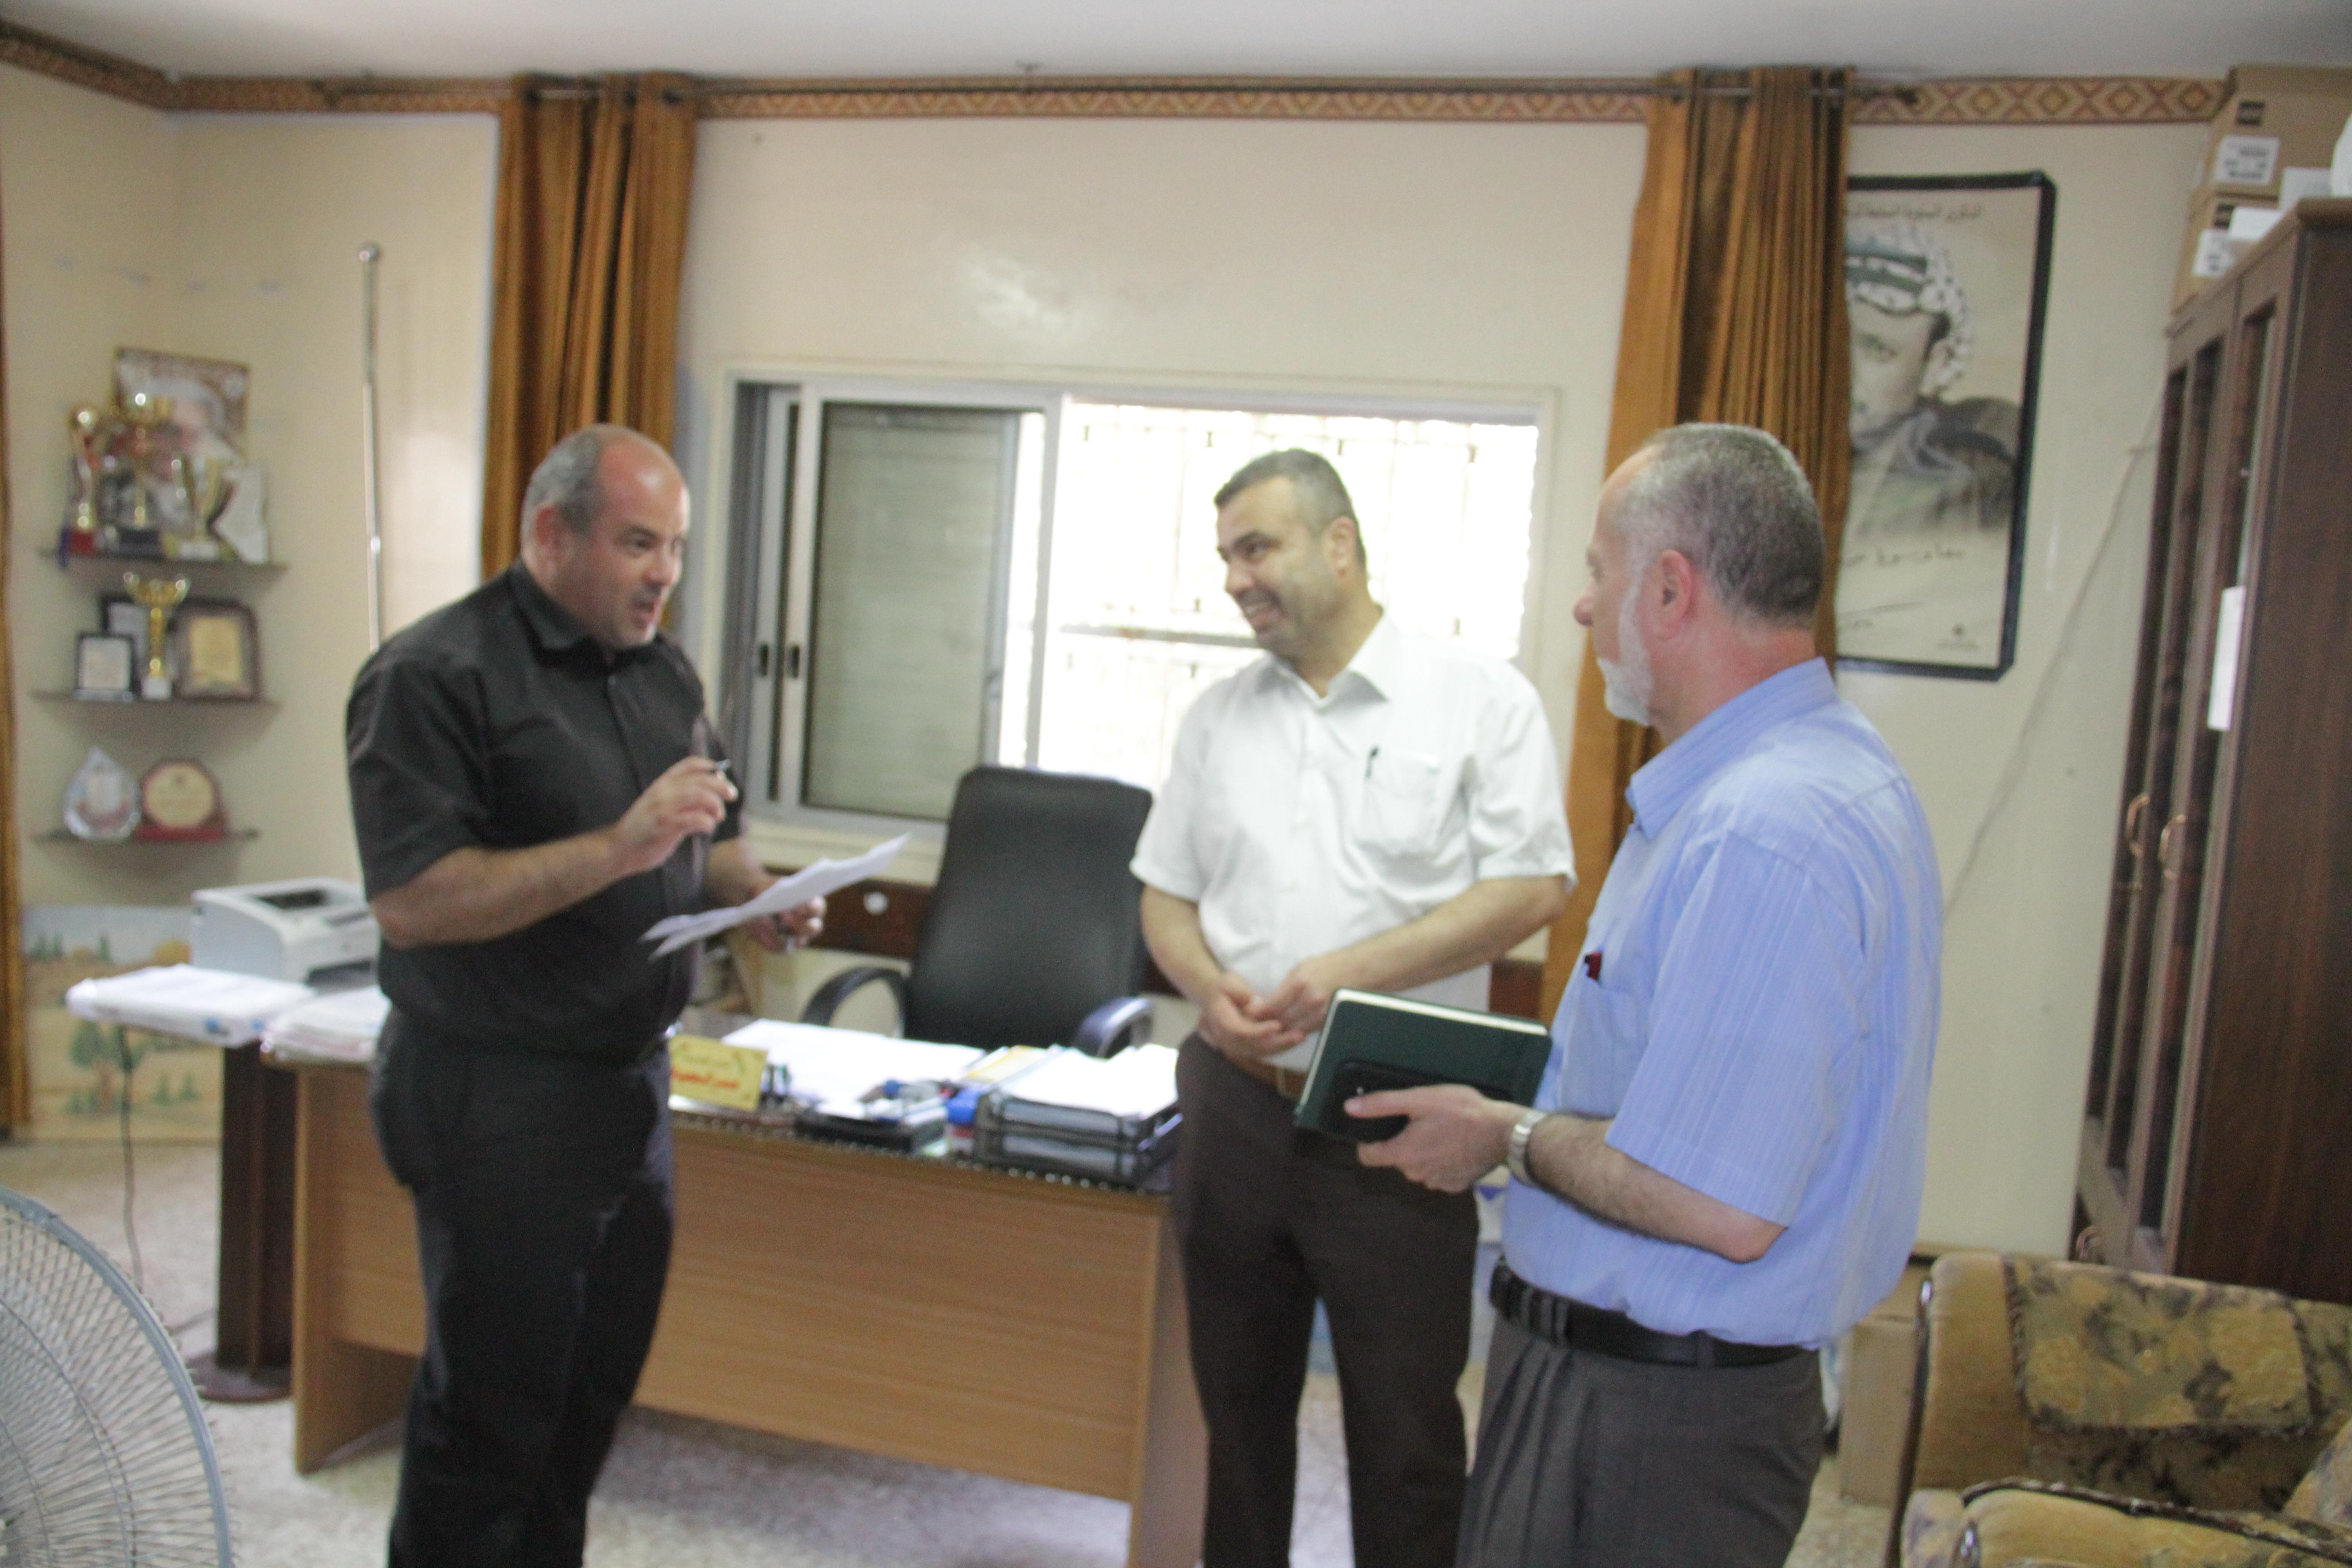 لجنة المعارف في بلدية قلقيلية زيارة لعدد من مدارس المدينة